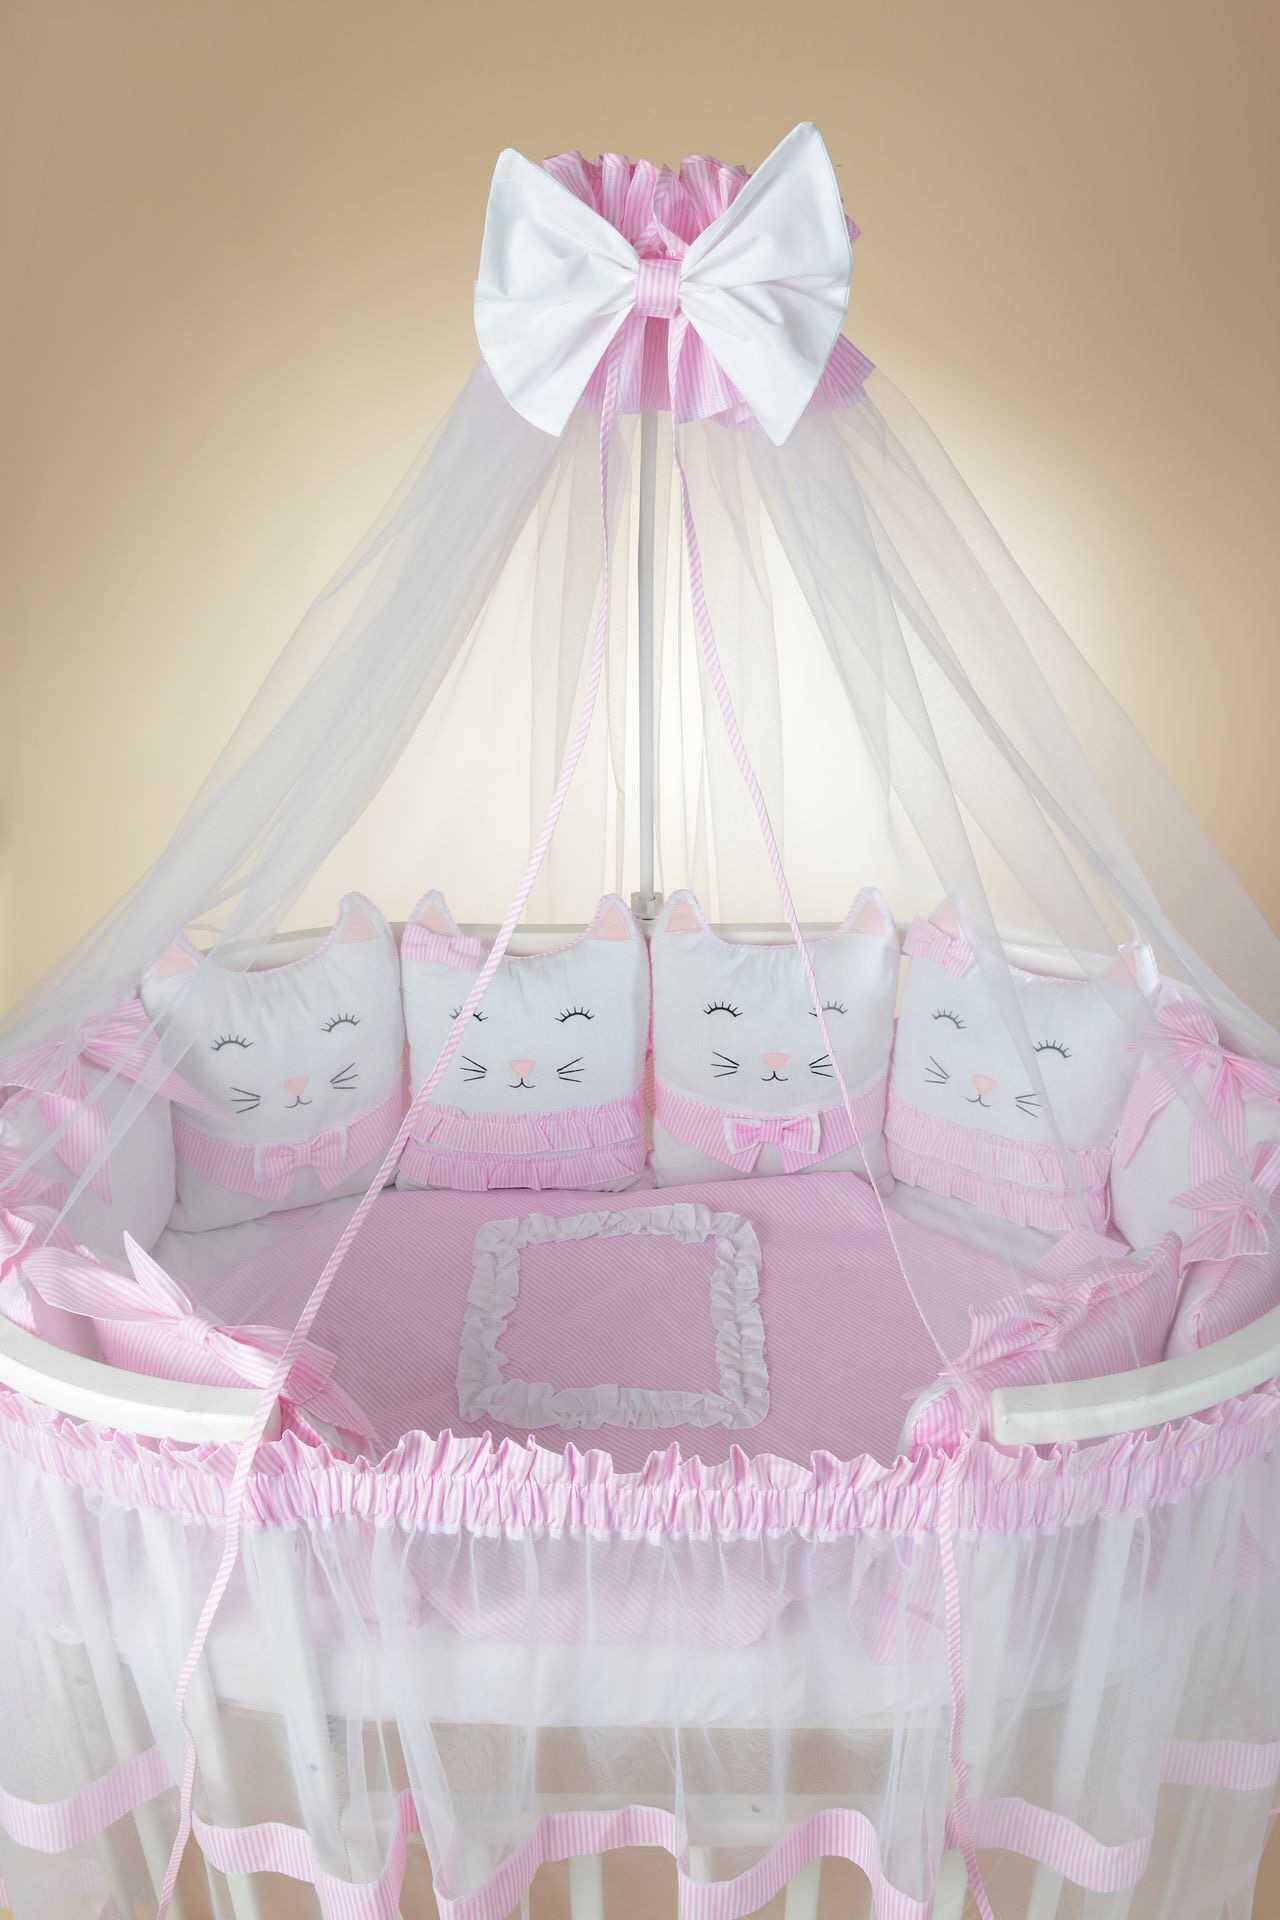 Комплекты в кроватку для новорожденных (32 фото): детские наборы с бампером, 7 предметов, комплект белья для круглой кровати, набор с балдахином